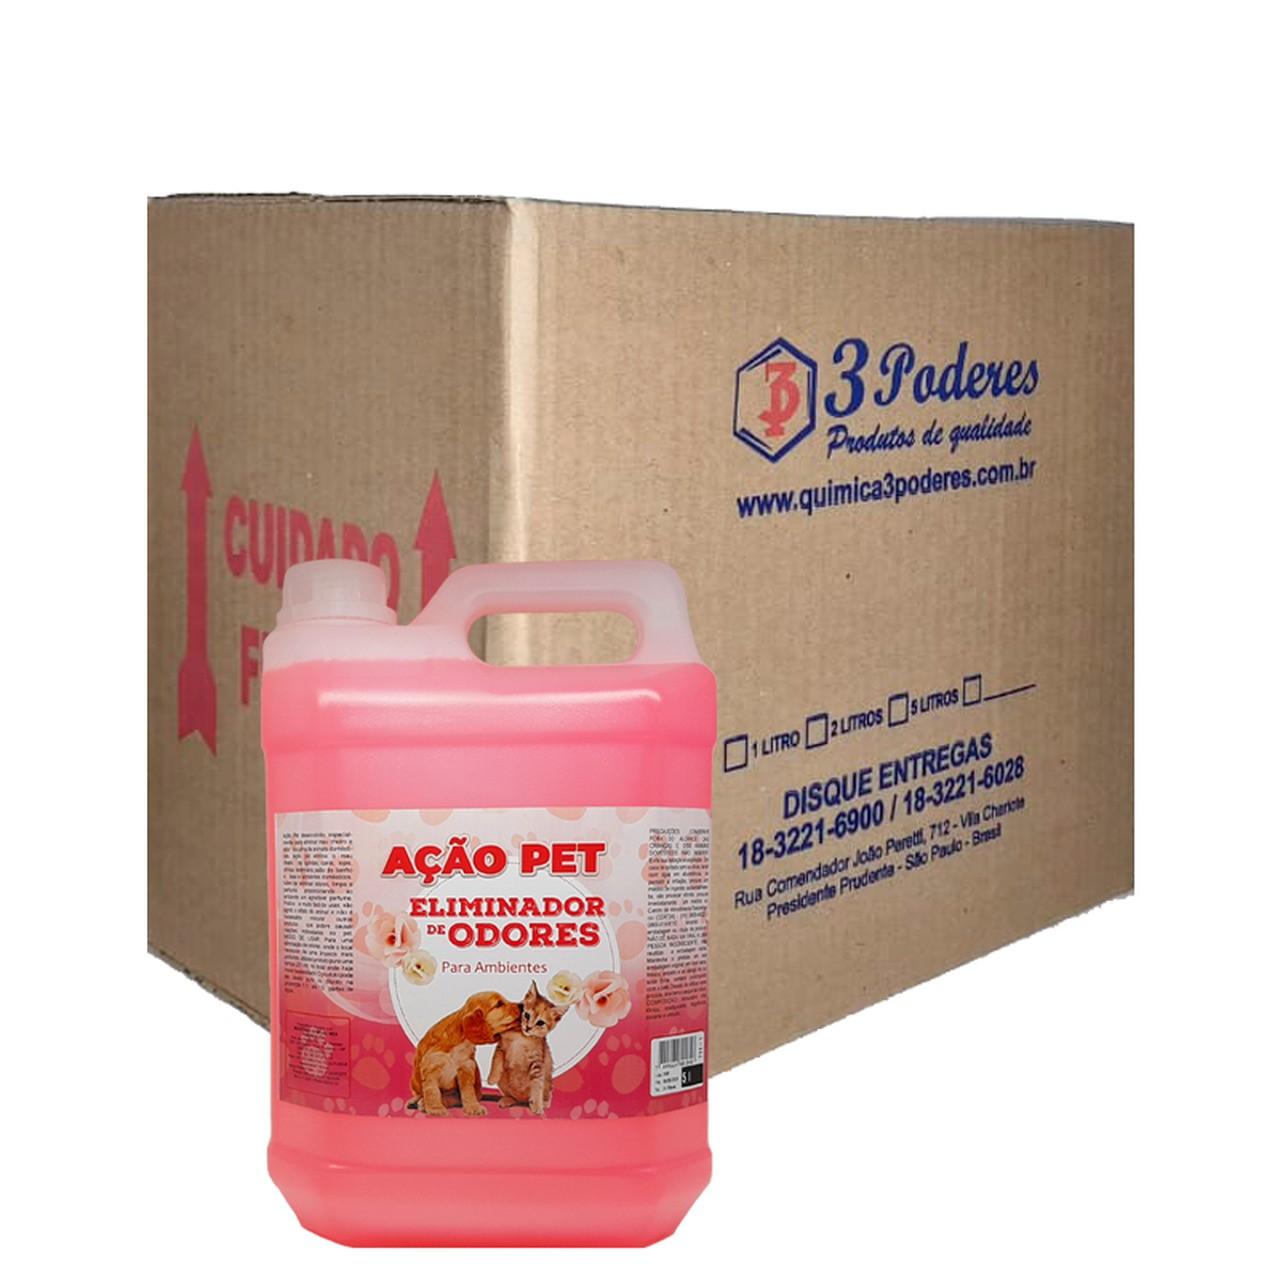 AÇÃO PET 3 Poderes 5LTS - Eliminador De Odores Para Ambientes - Caixa com 4 Un.